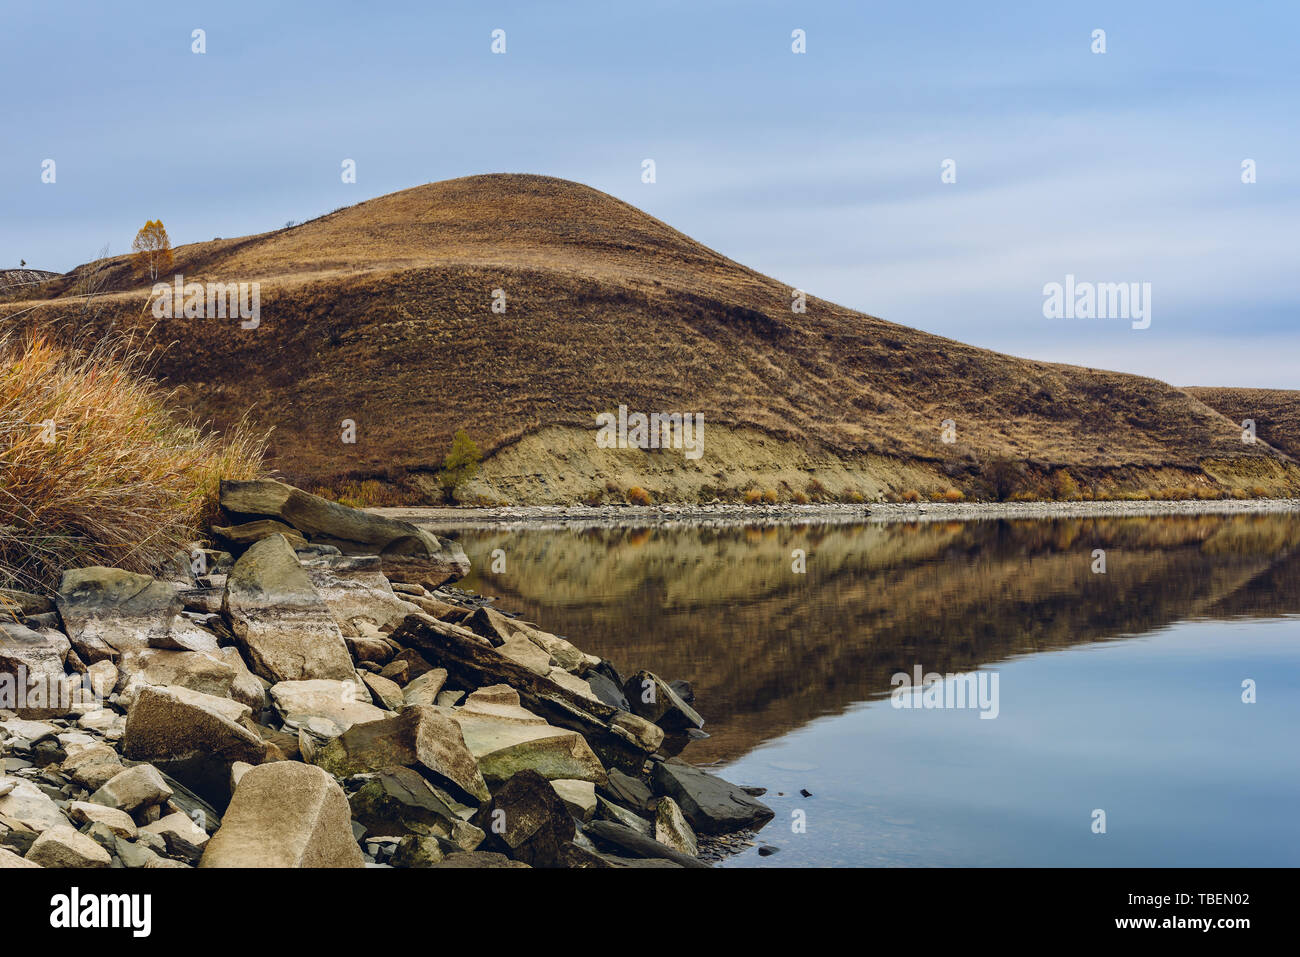 Hills on lakes coastline - Stock Image